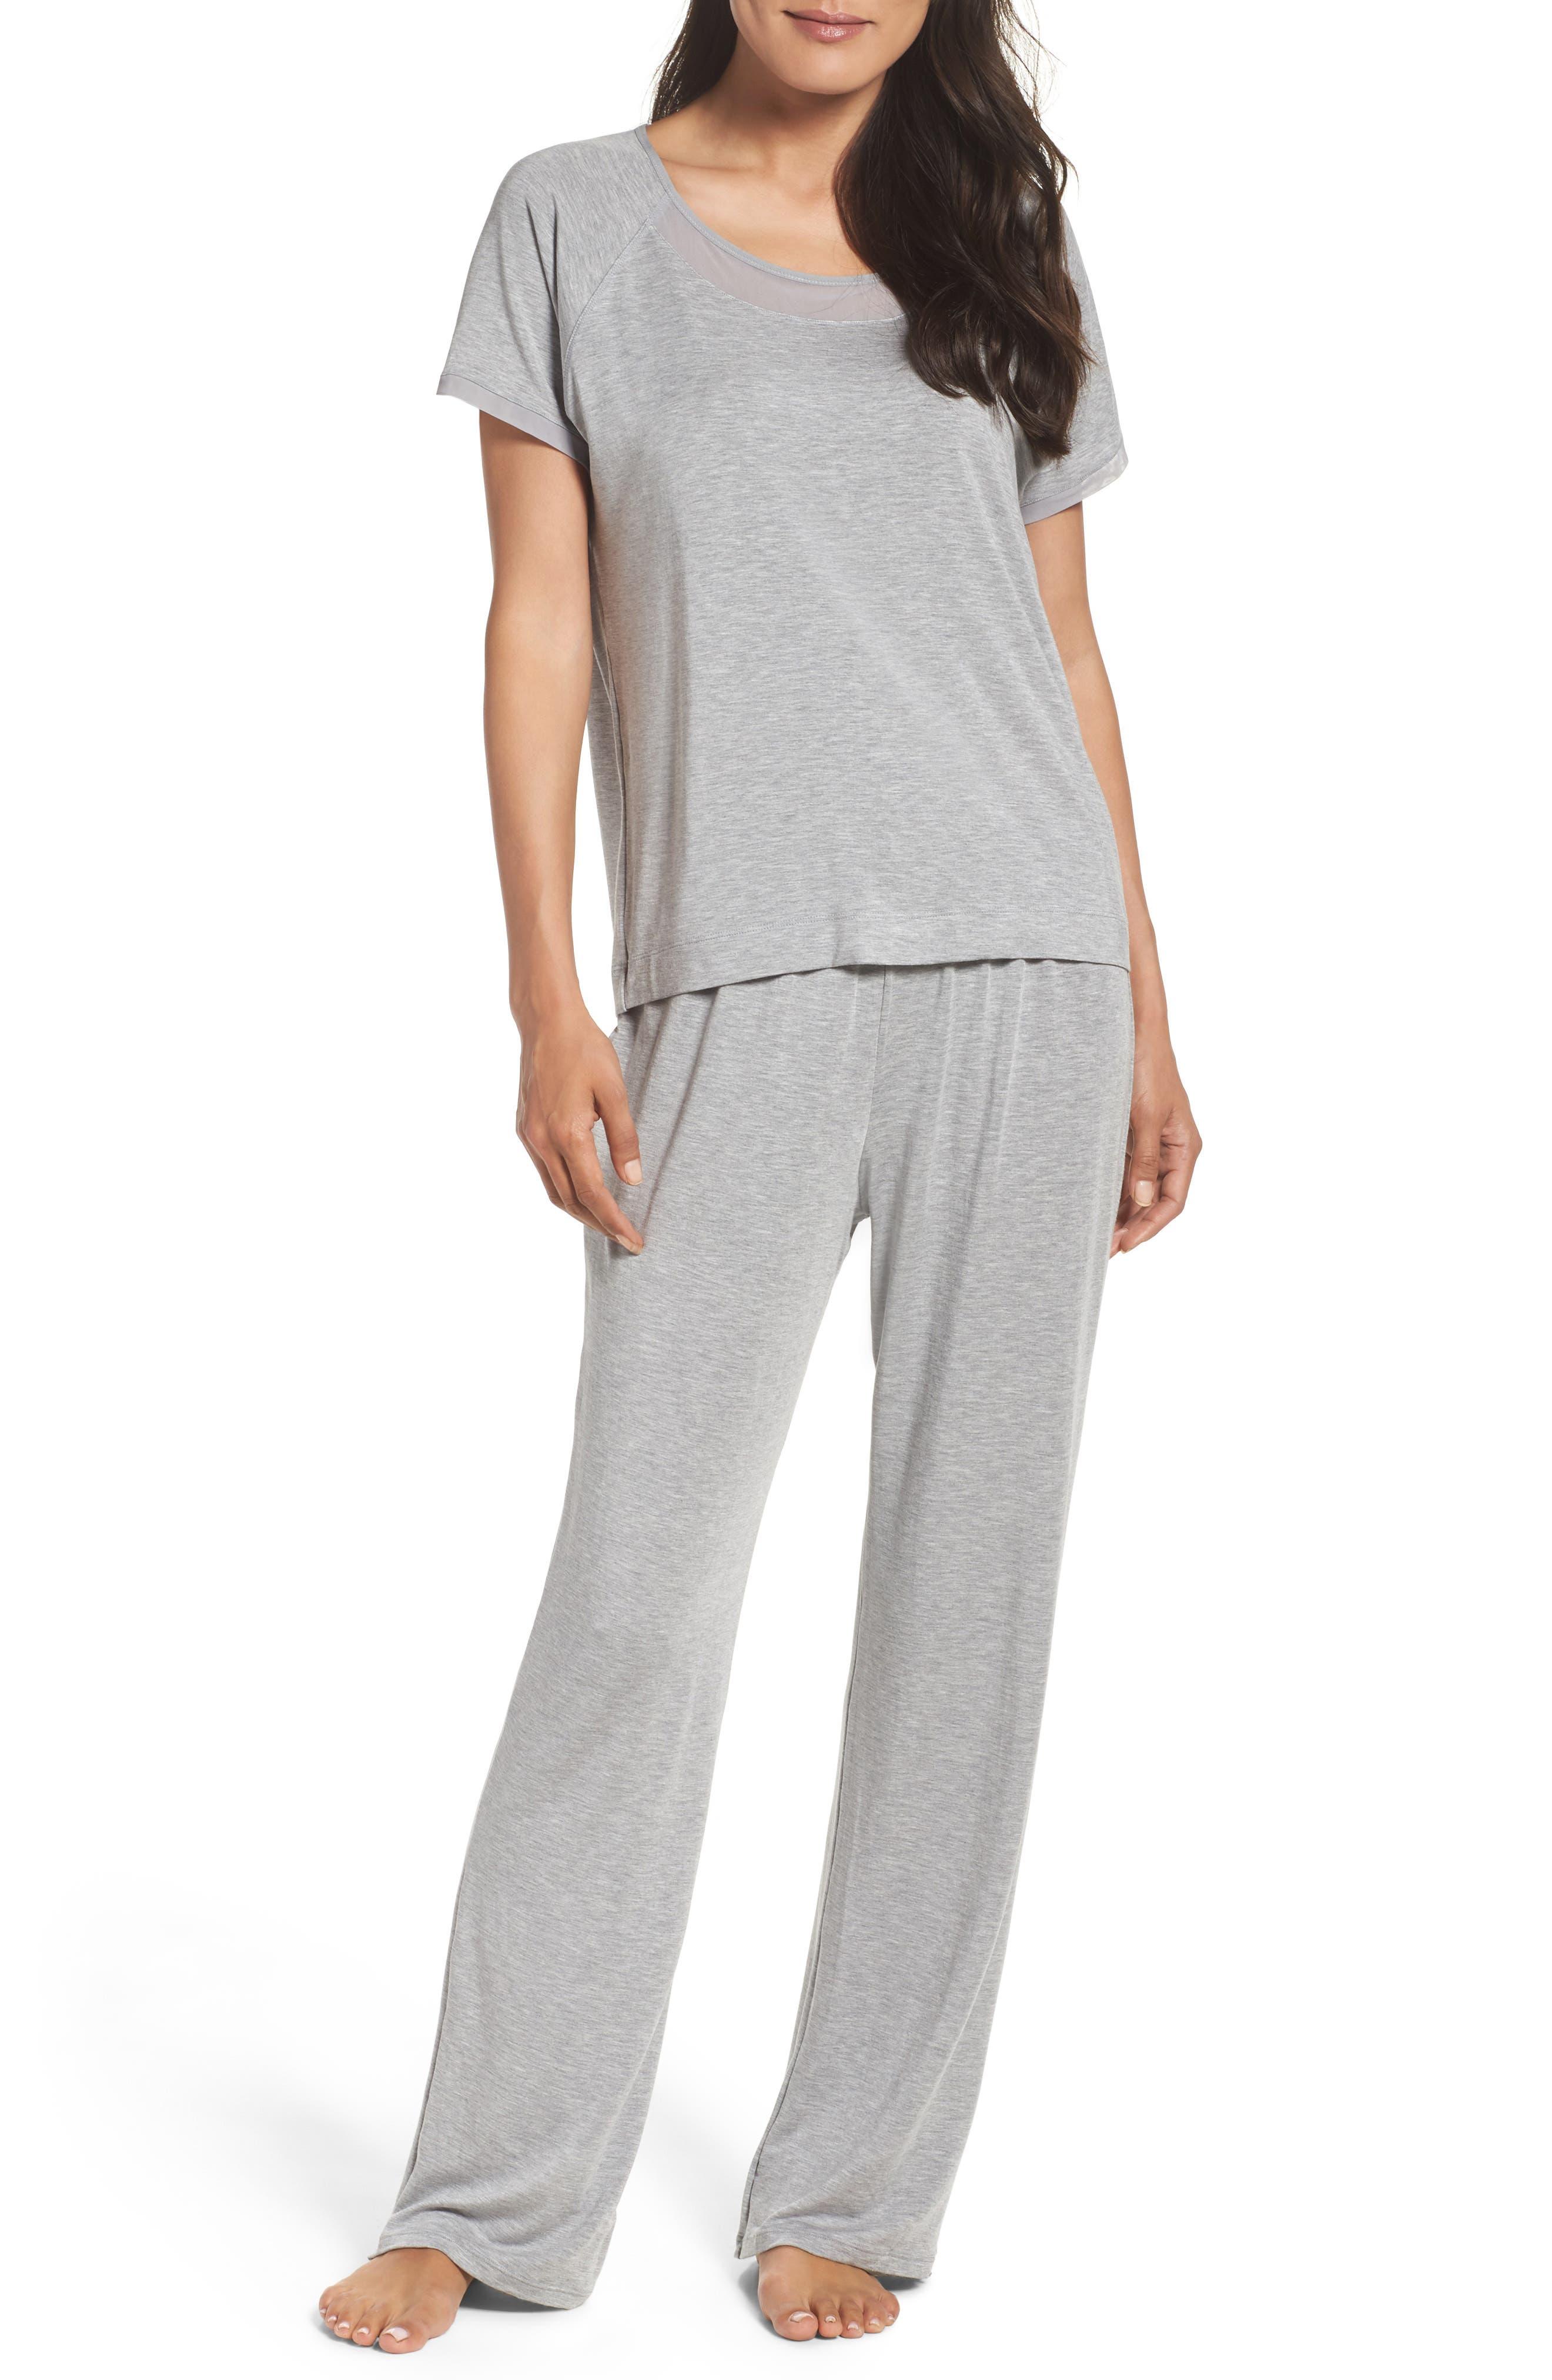 Naked Stretch Modal Pajamas